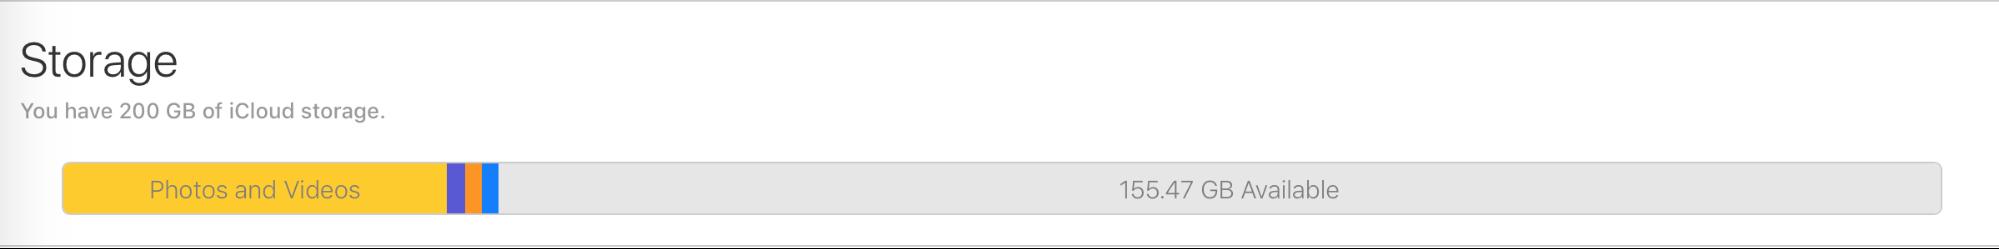 iCloud storage 200 GB